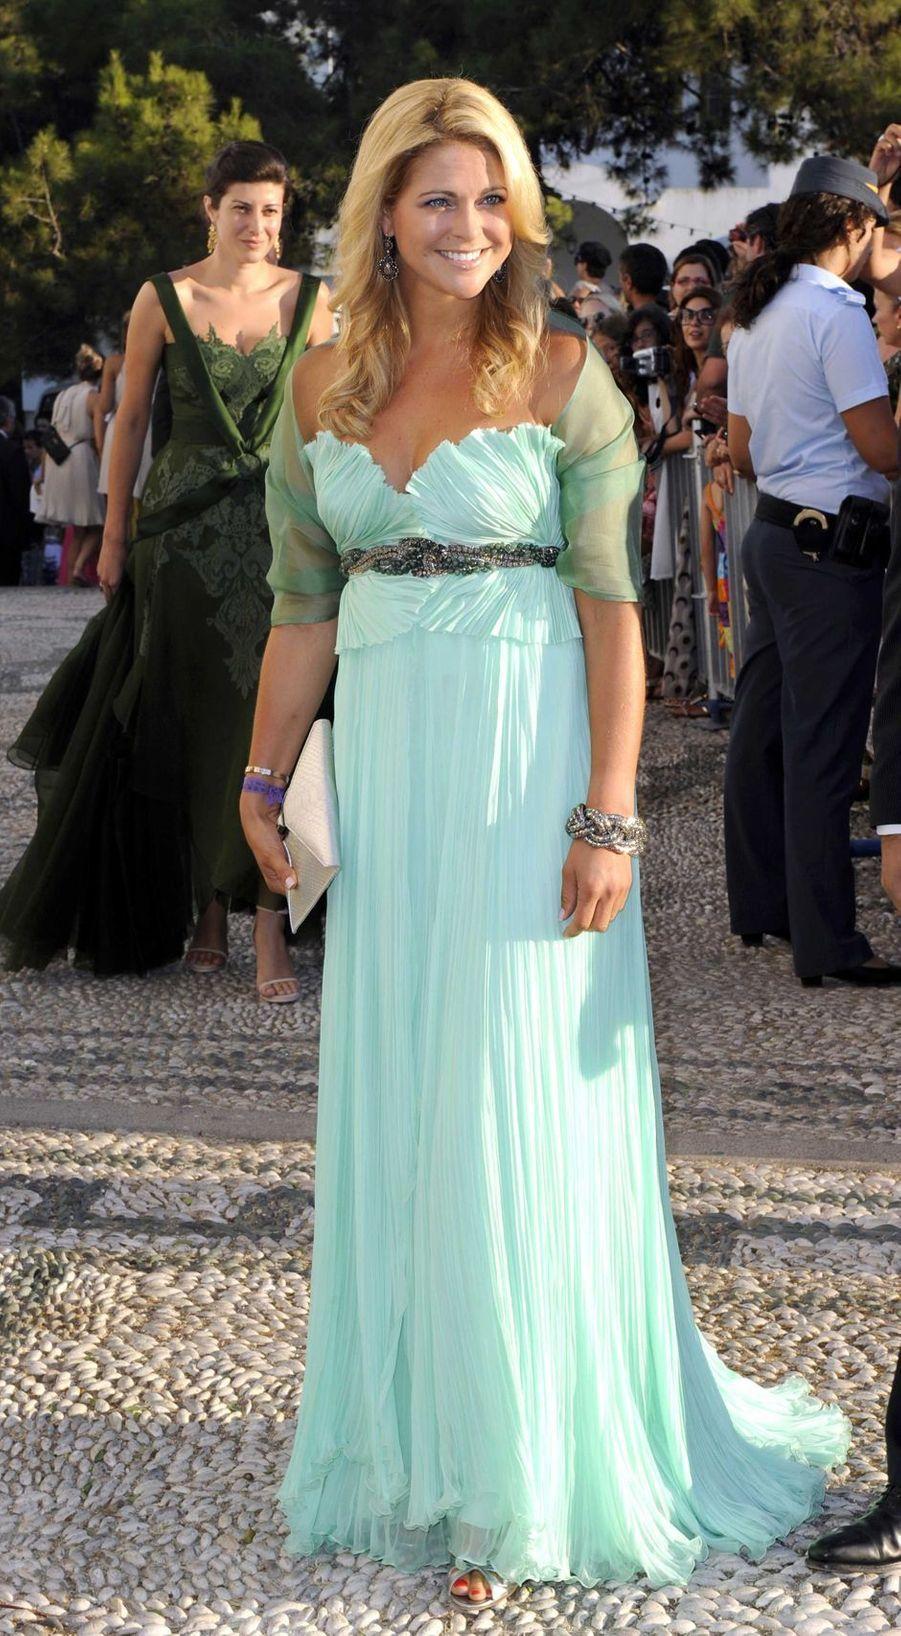 La princesse Madeleine de Suède sur l'île de Spetses, le 25 août 2010